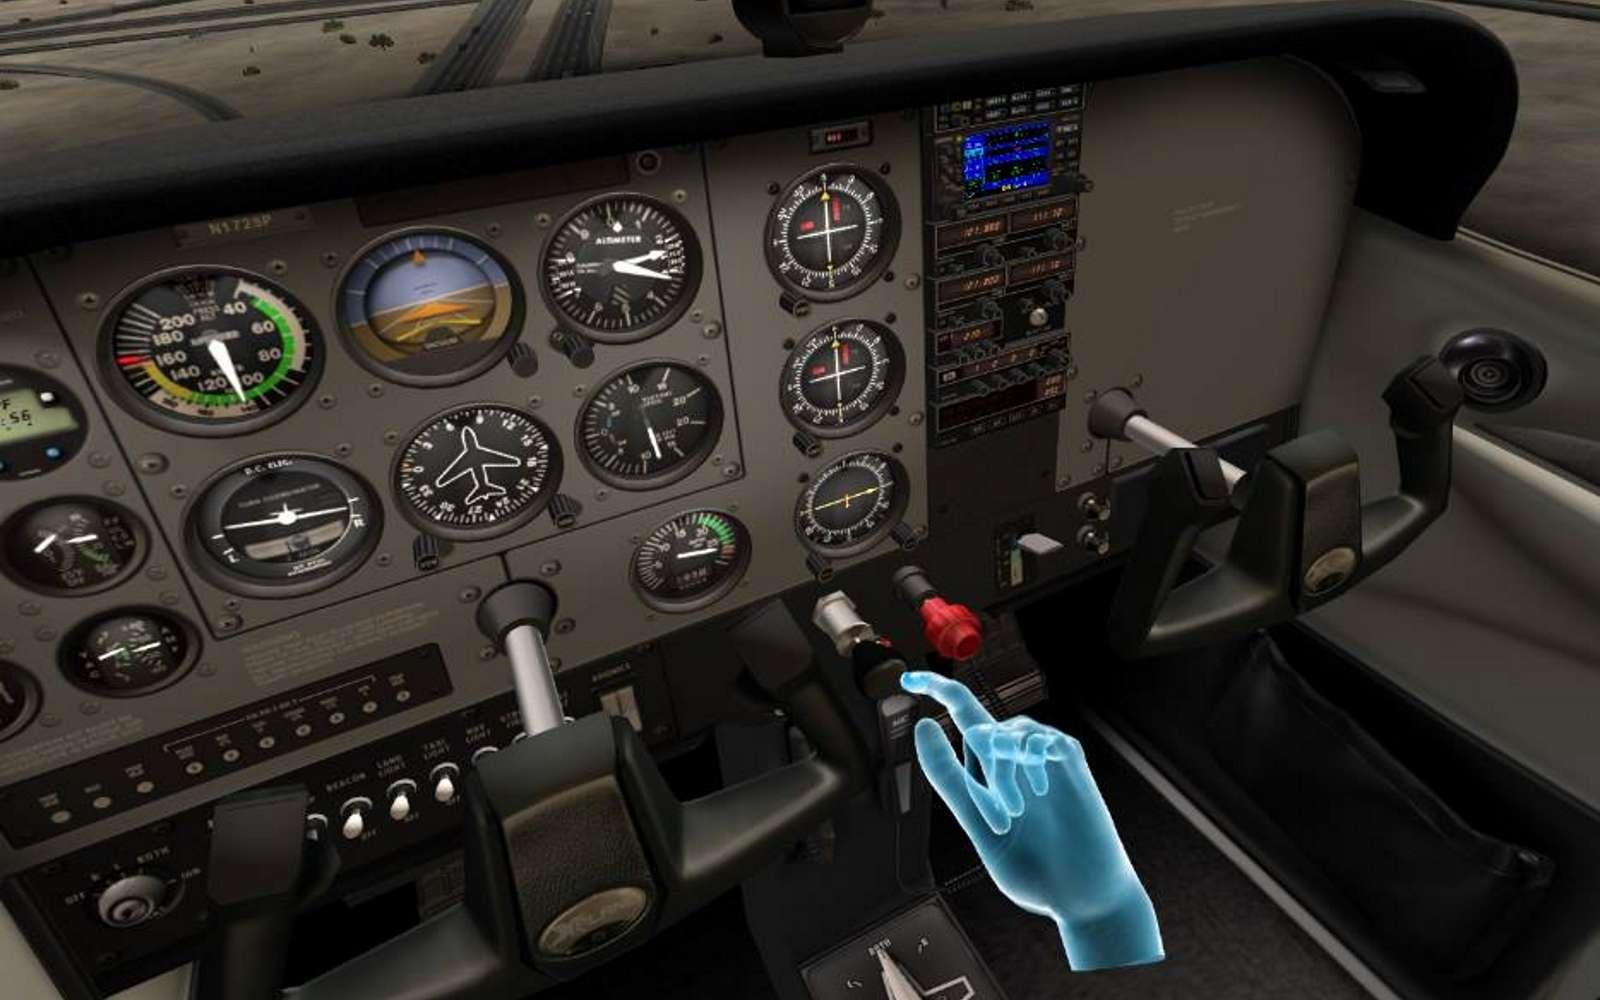 La firme américaine FlyInside fournit des simulateurs de vol en VR pour l'armée américaine. En plus de la vue réaliste d'un tableau de bord d'avion, la start-up française Go Touch VR ajoute à ces simulateurs le sens du toucher, lorsque le pilote manipule les boutons et manettes virtuelles. © FlyInside